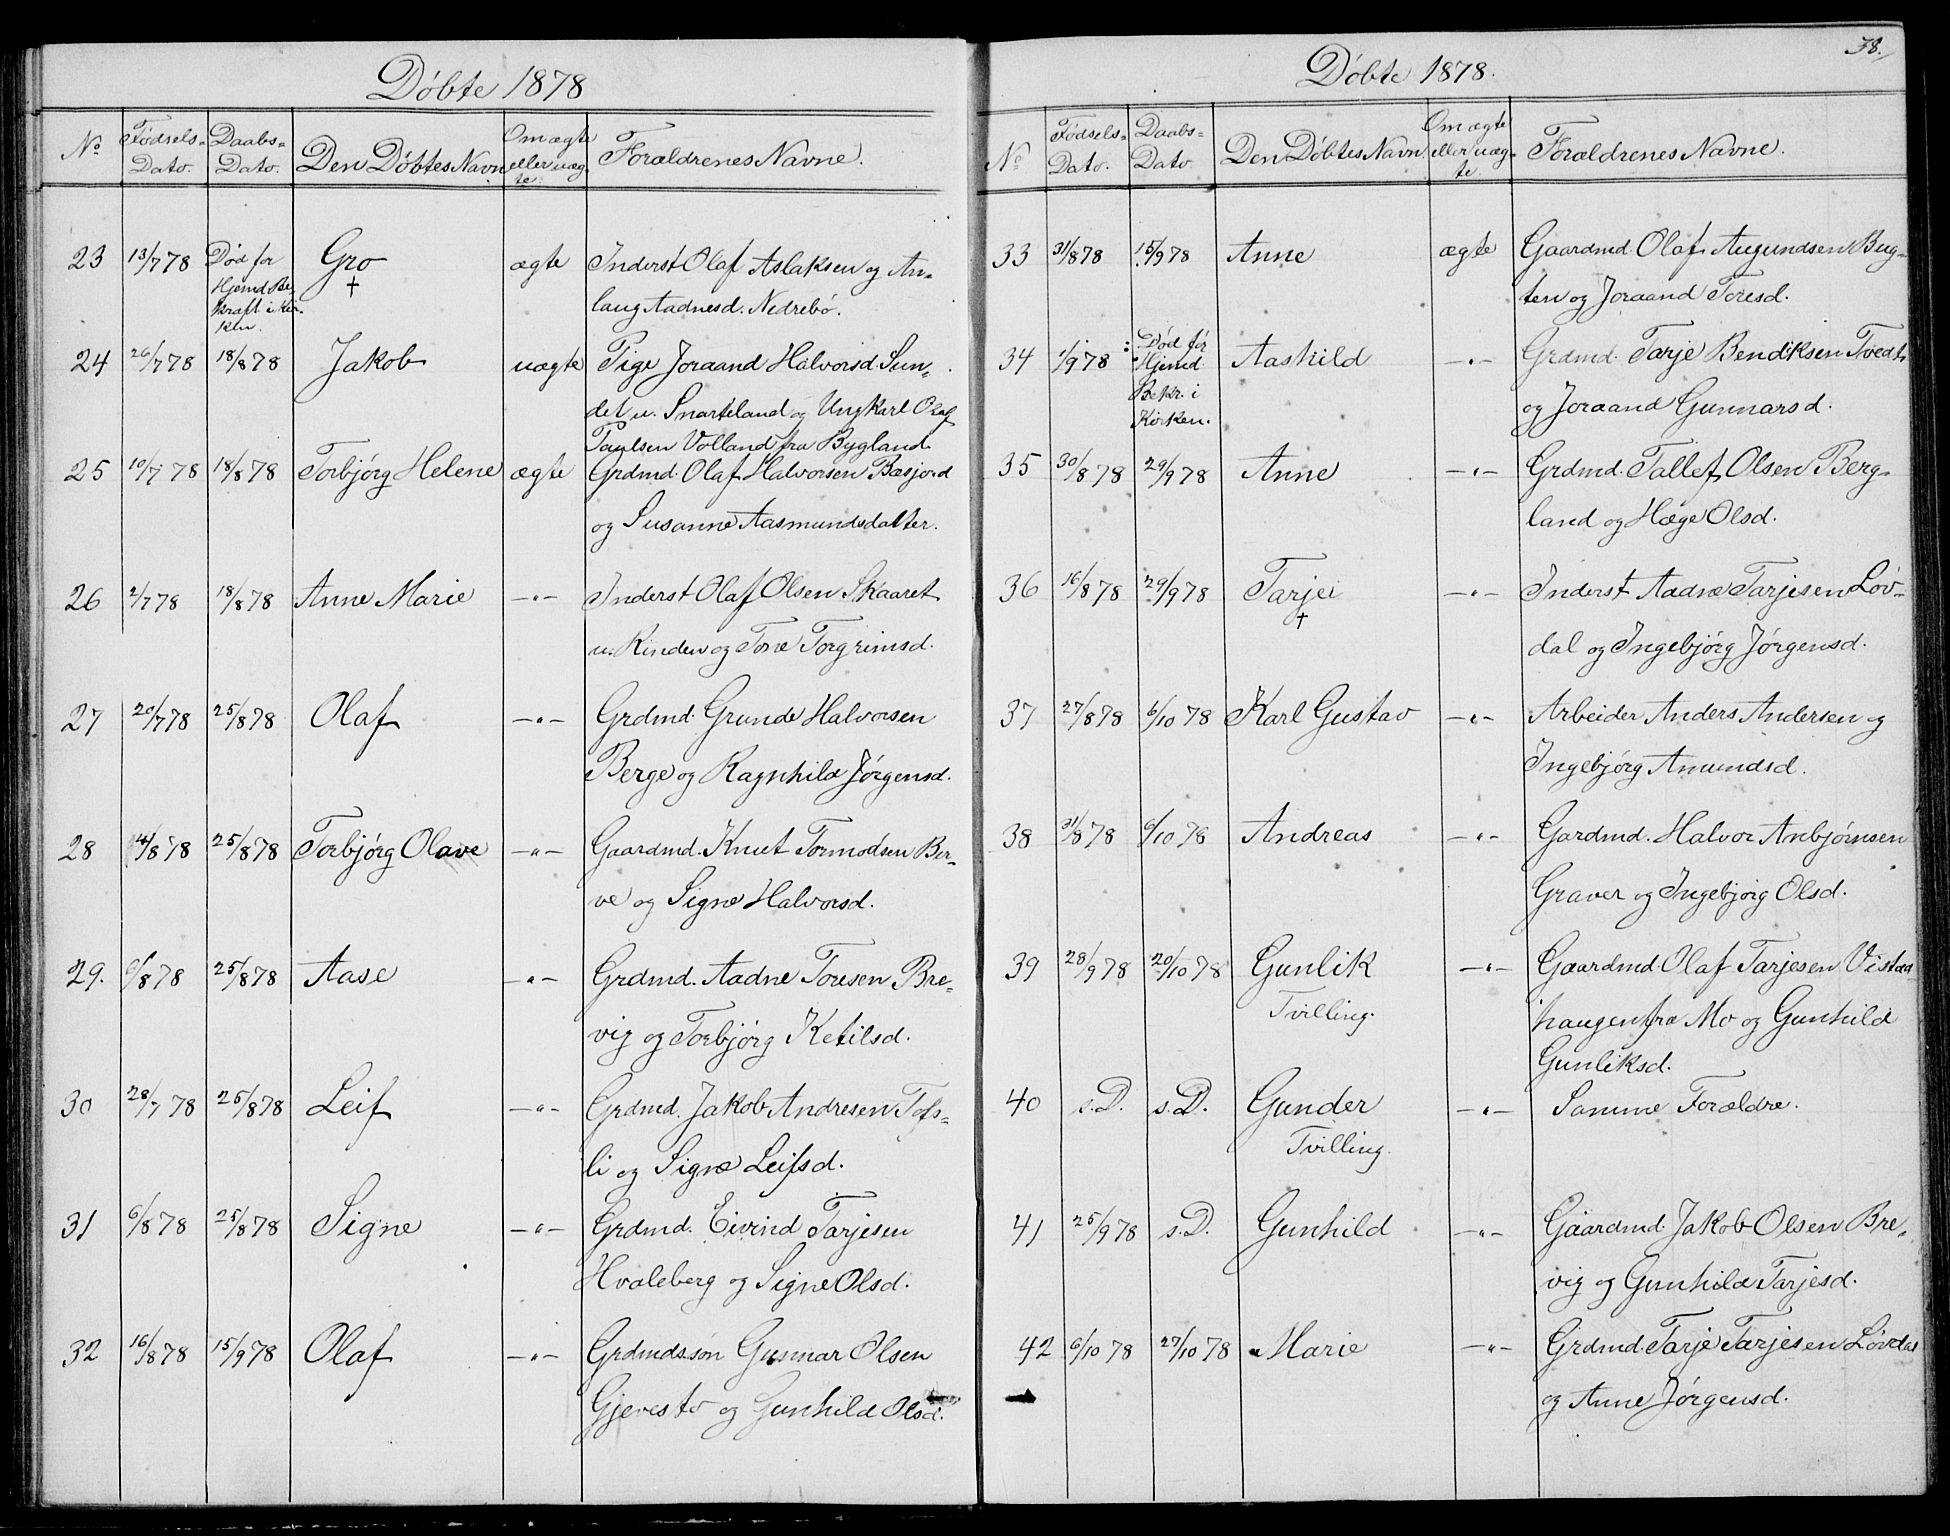 SAKO, Fyresdal kirkebøker, G/Ga/L0004: Klokkerbok nr. I 4, 1864-1892, s. 38